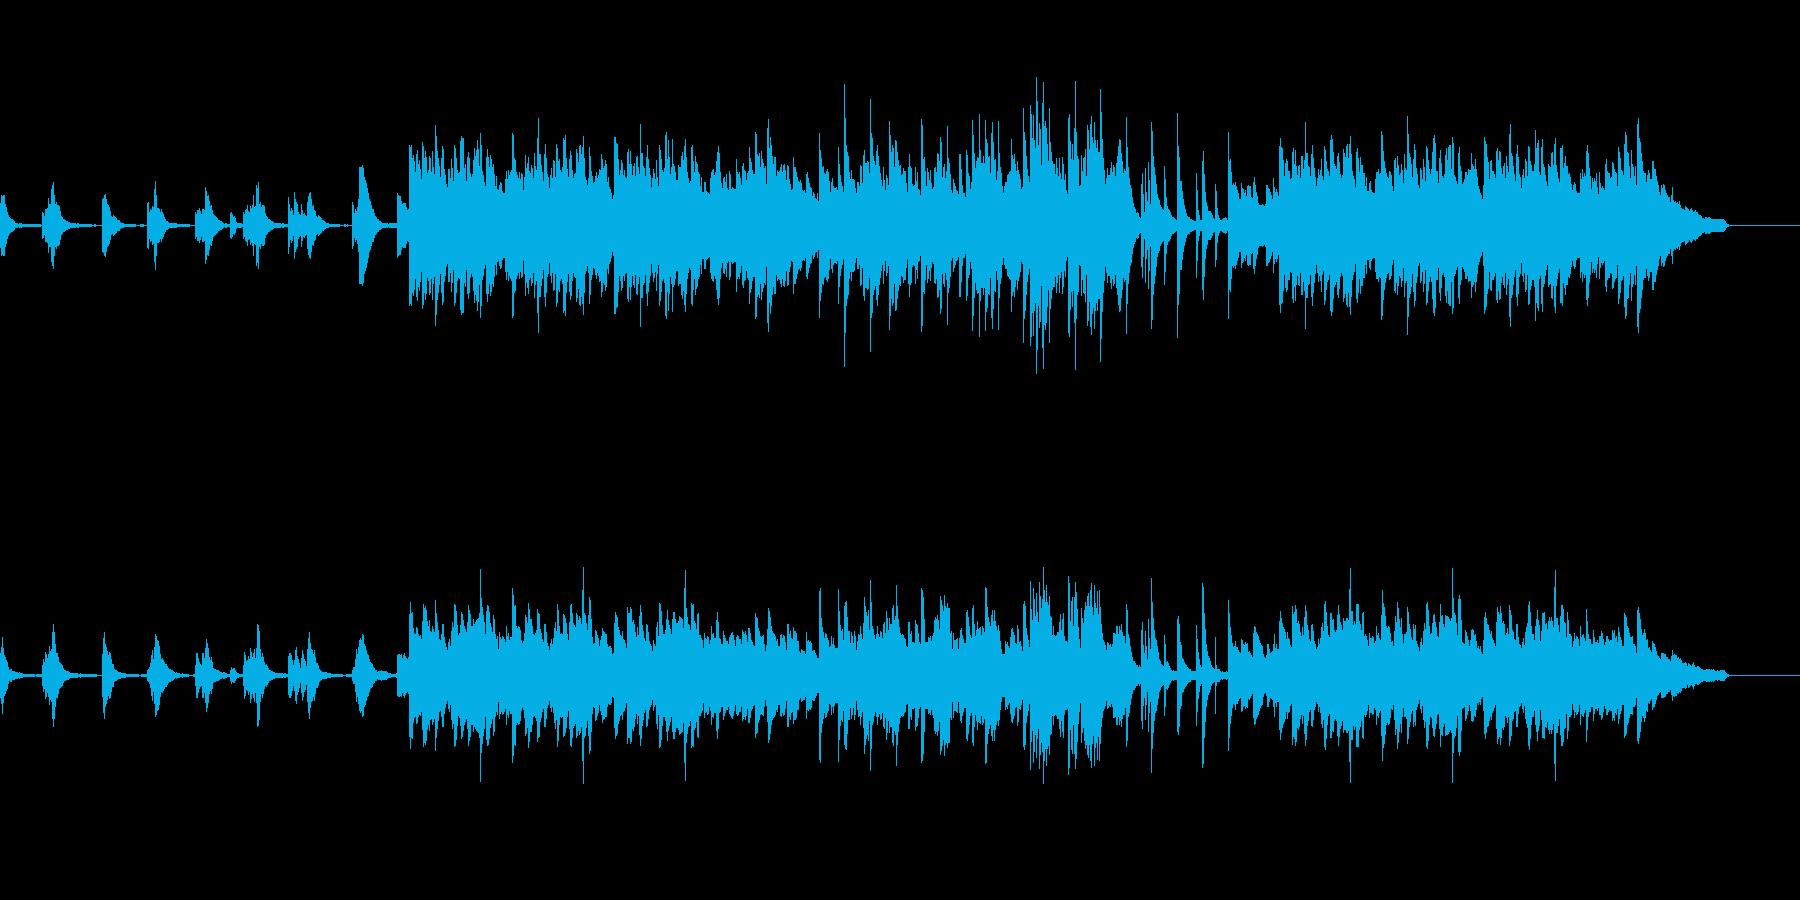 どことなく切ないピアノソロ曲の再生済みの波形